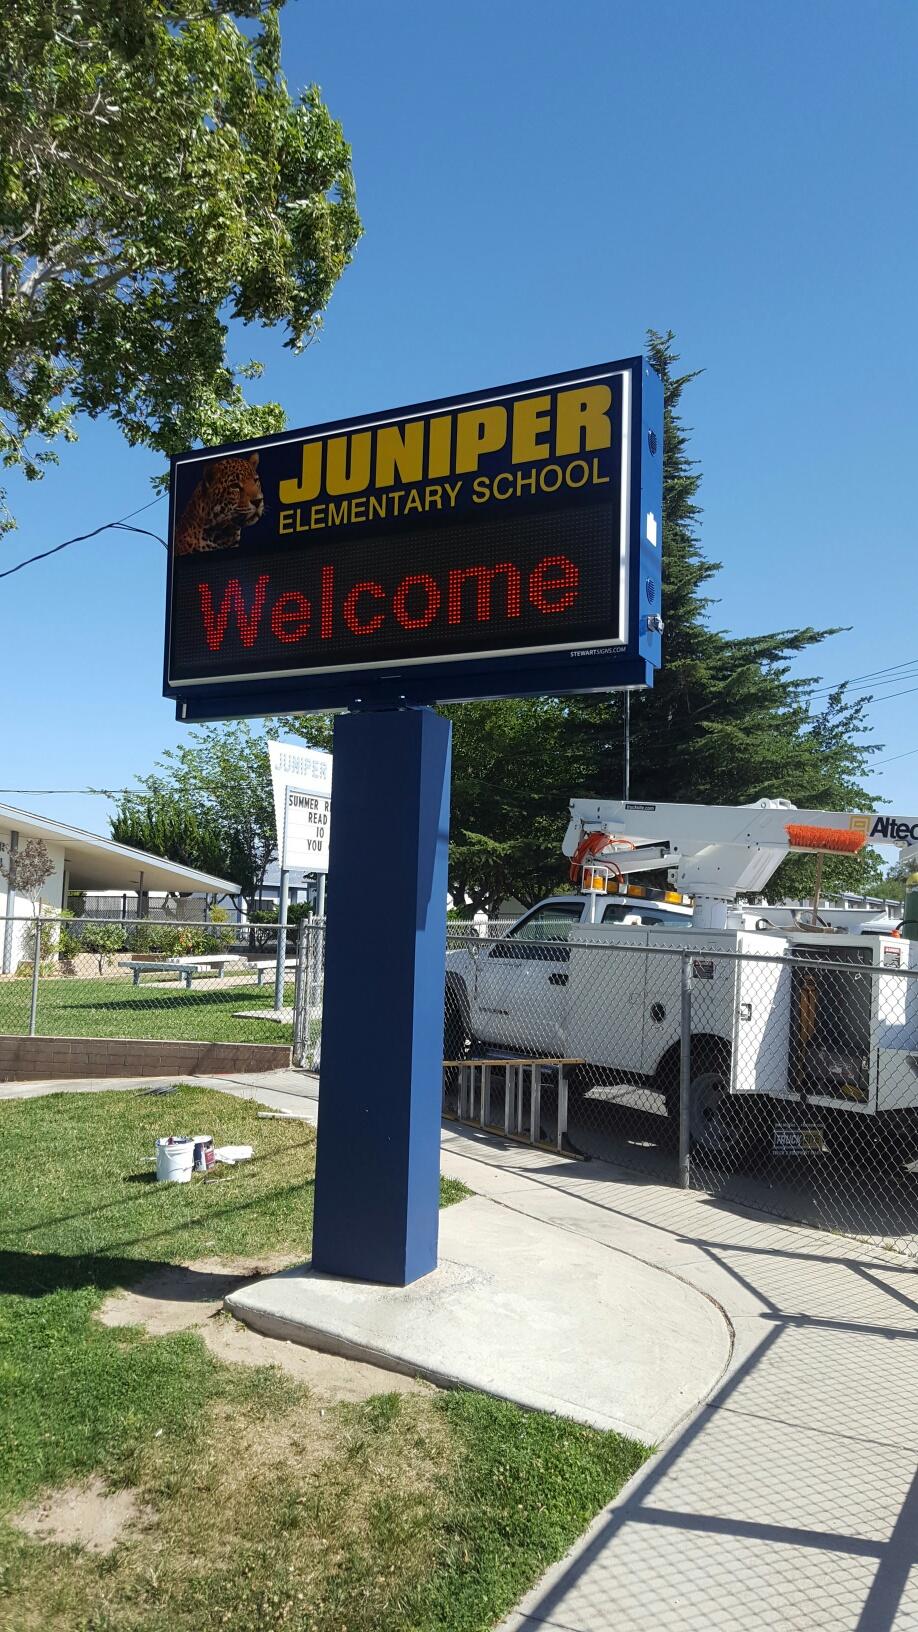 Juniper Elementary